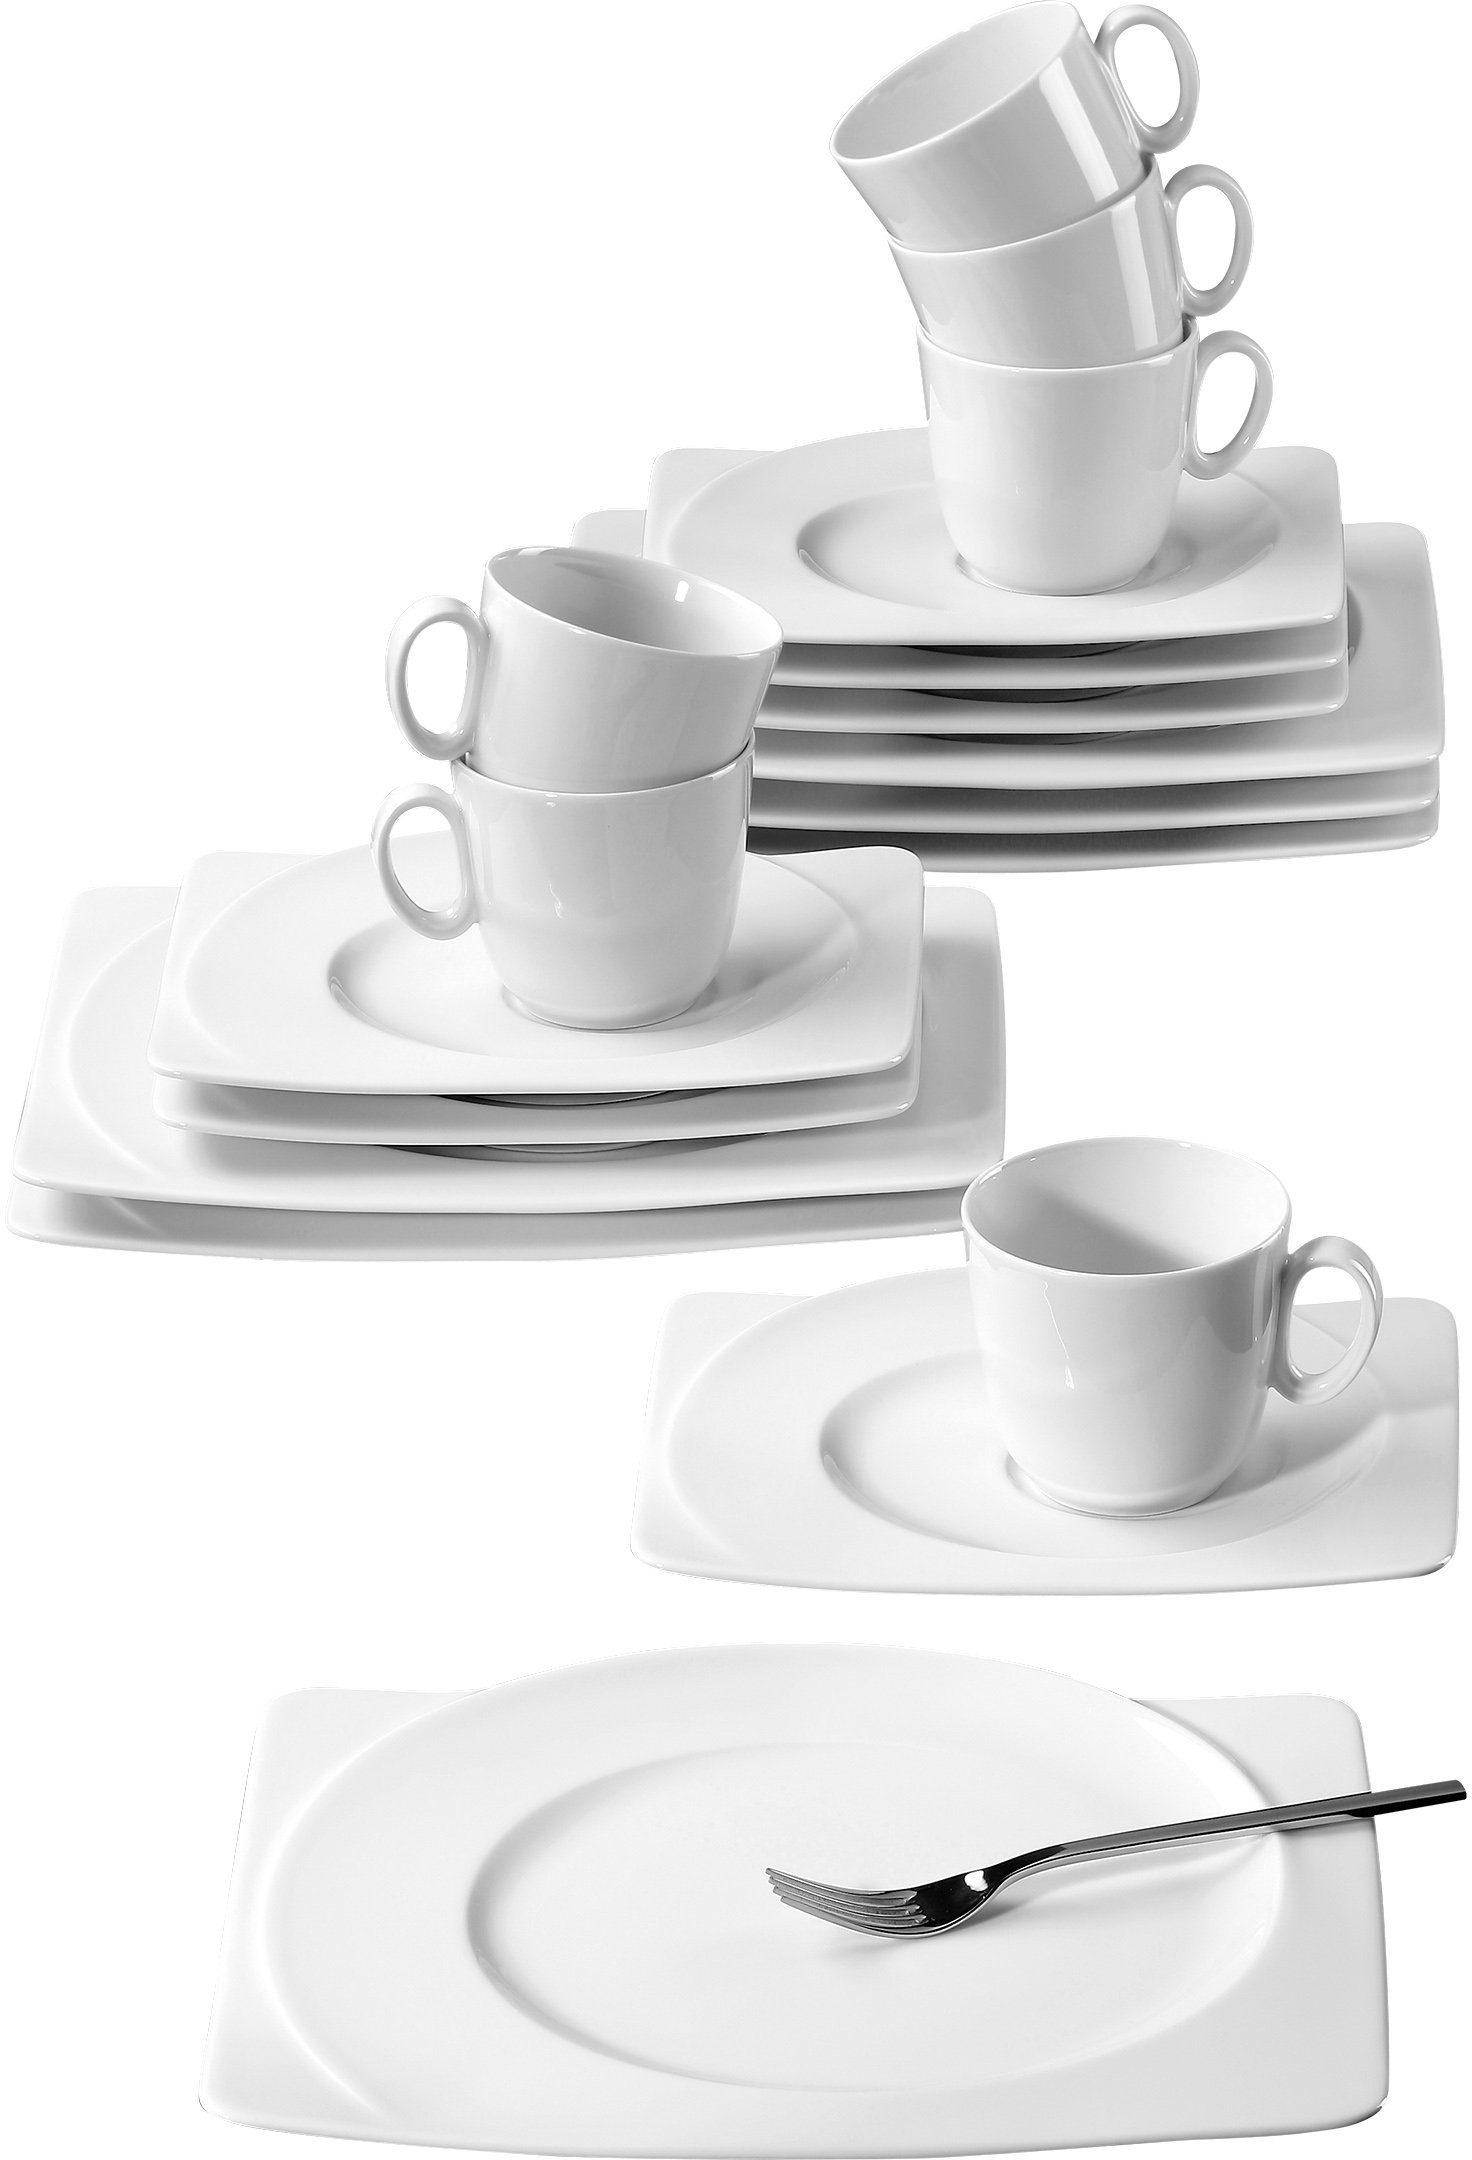 Seltmann Weiden Kaffeeservice, Porzellan, 18-teilig, »PASO«